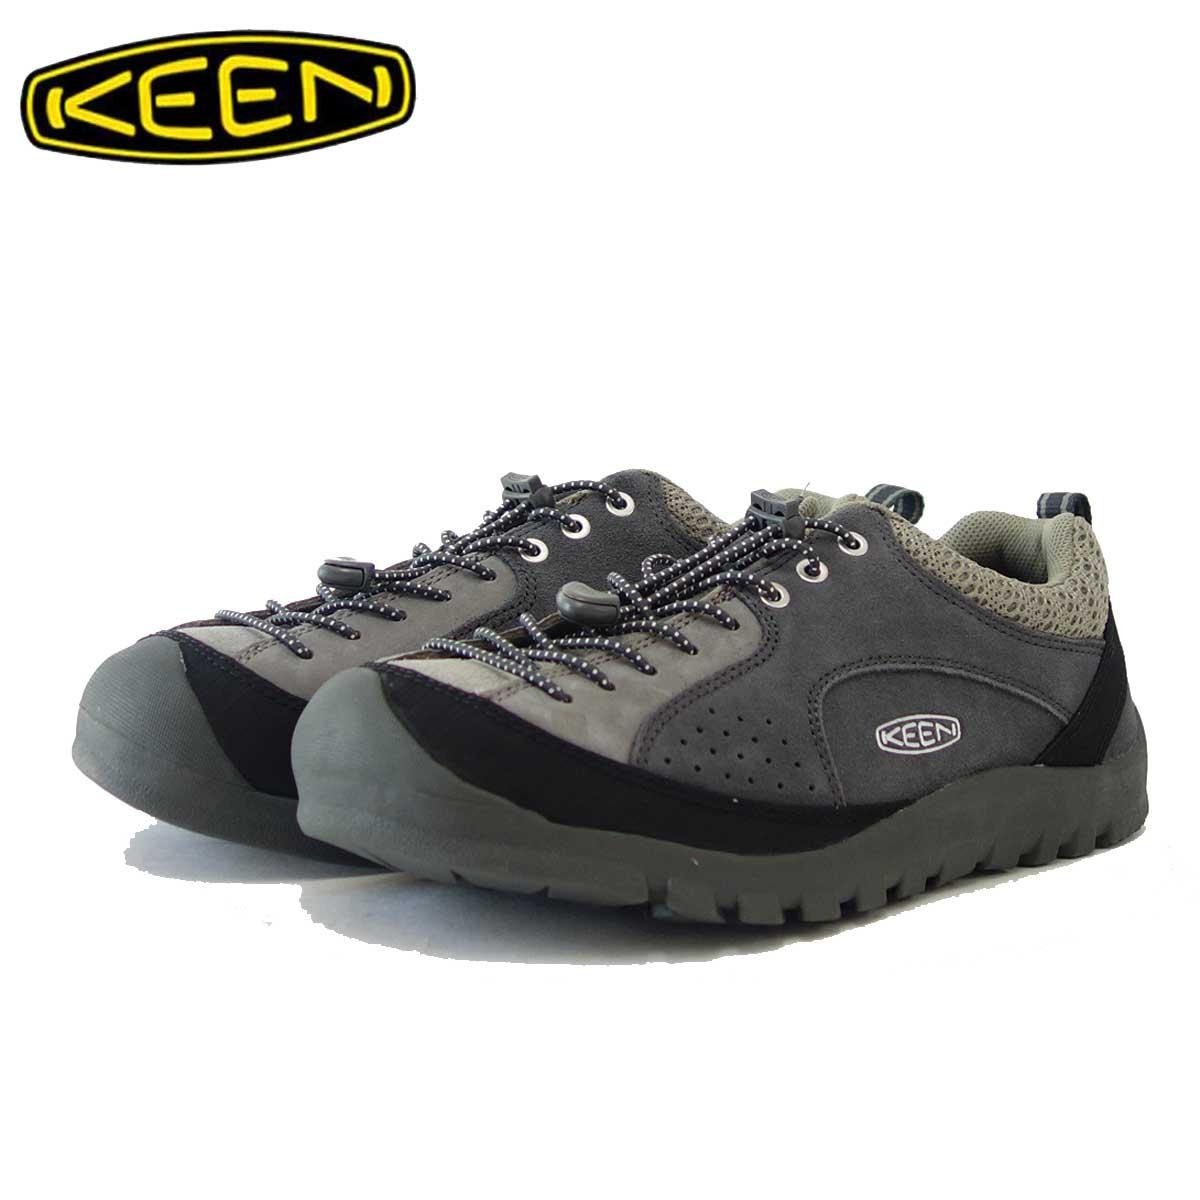 キーン KEEN ジャスパー ロックス エスピー 1018895 Asphalt/Moon Mist(メンズ) JASPER ROCKS SP 「靴」